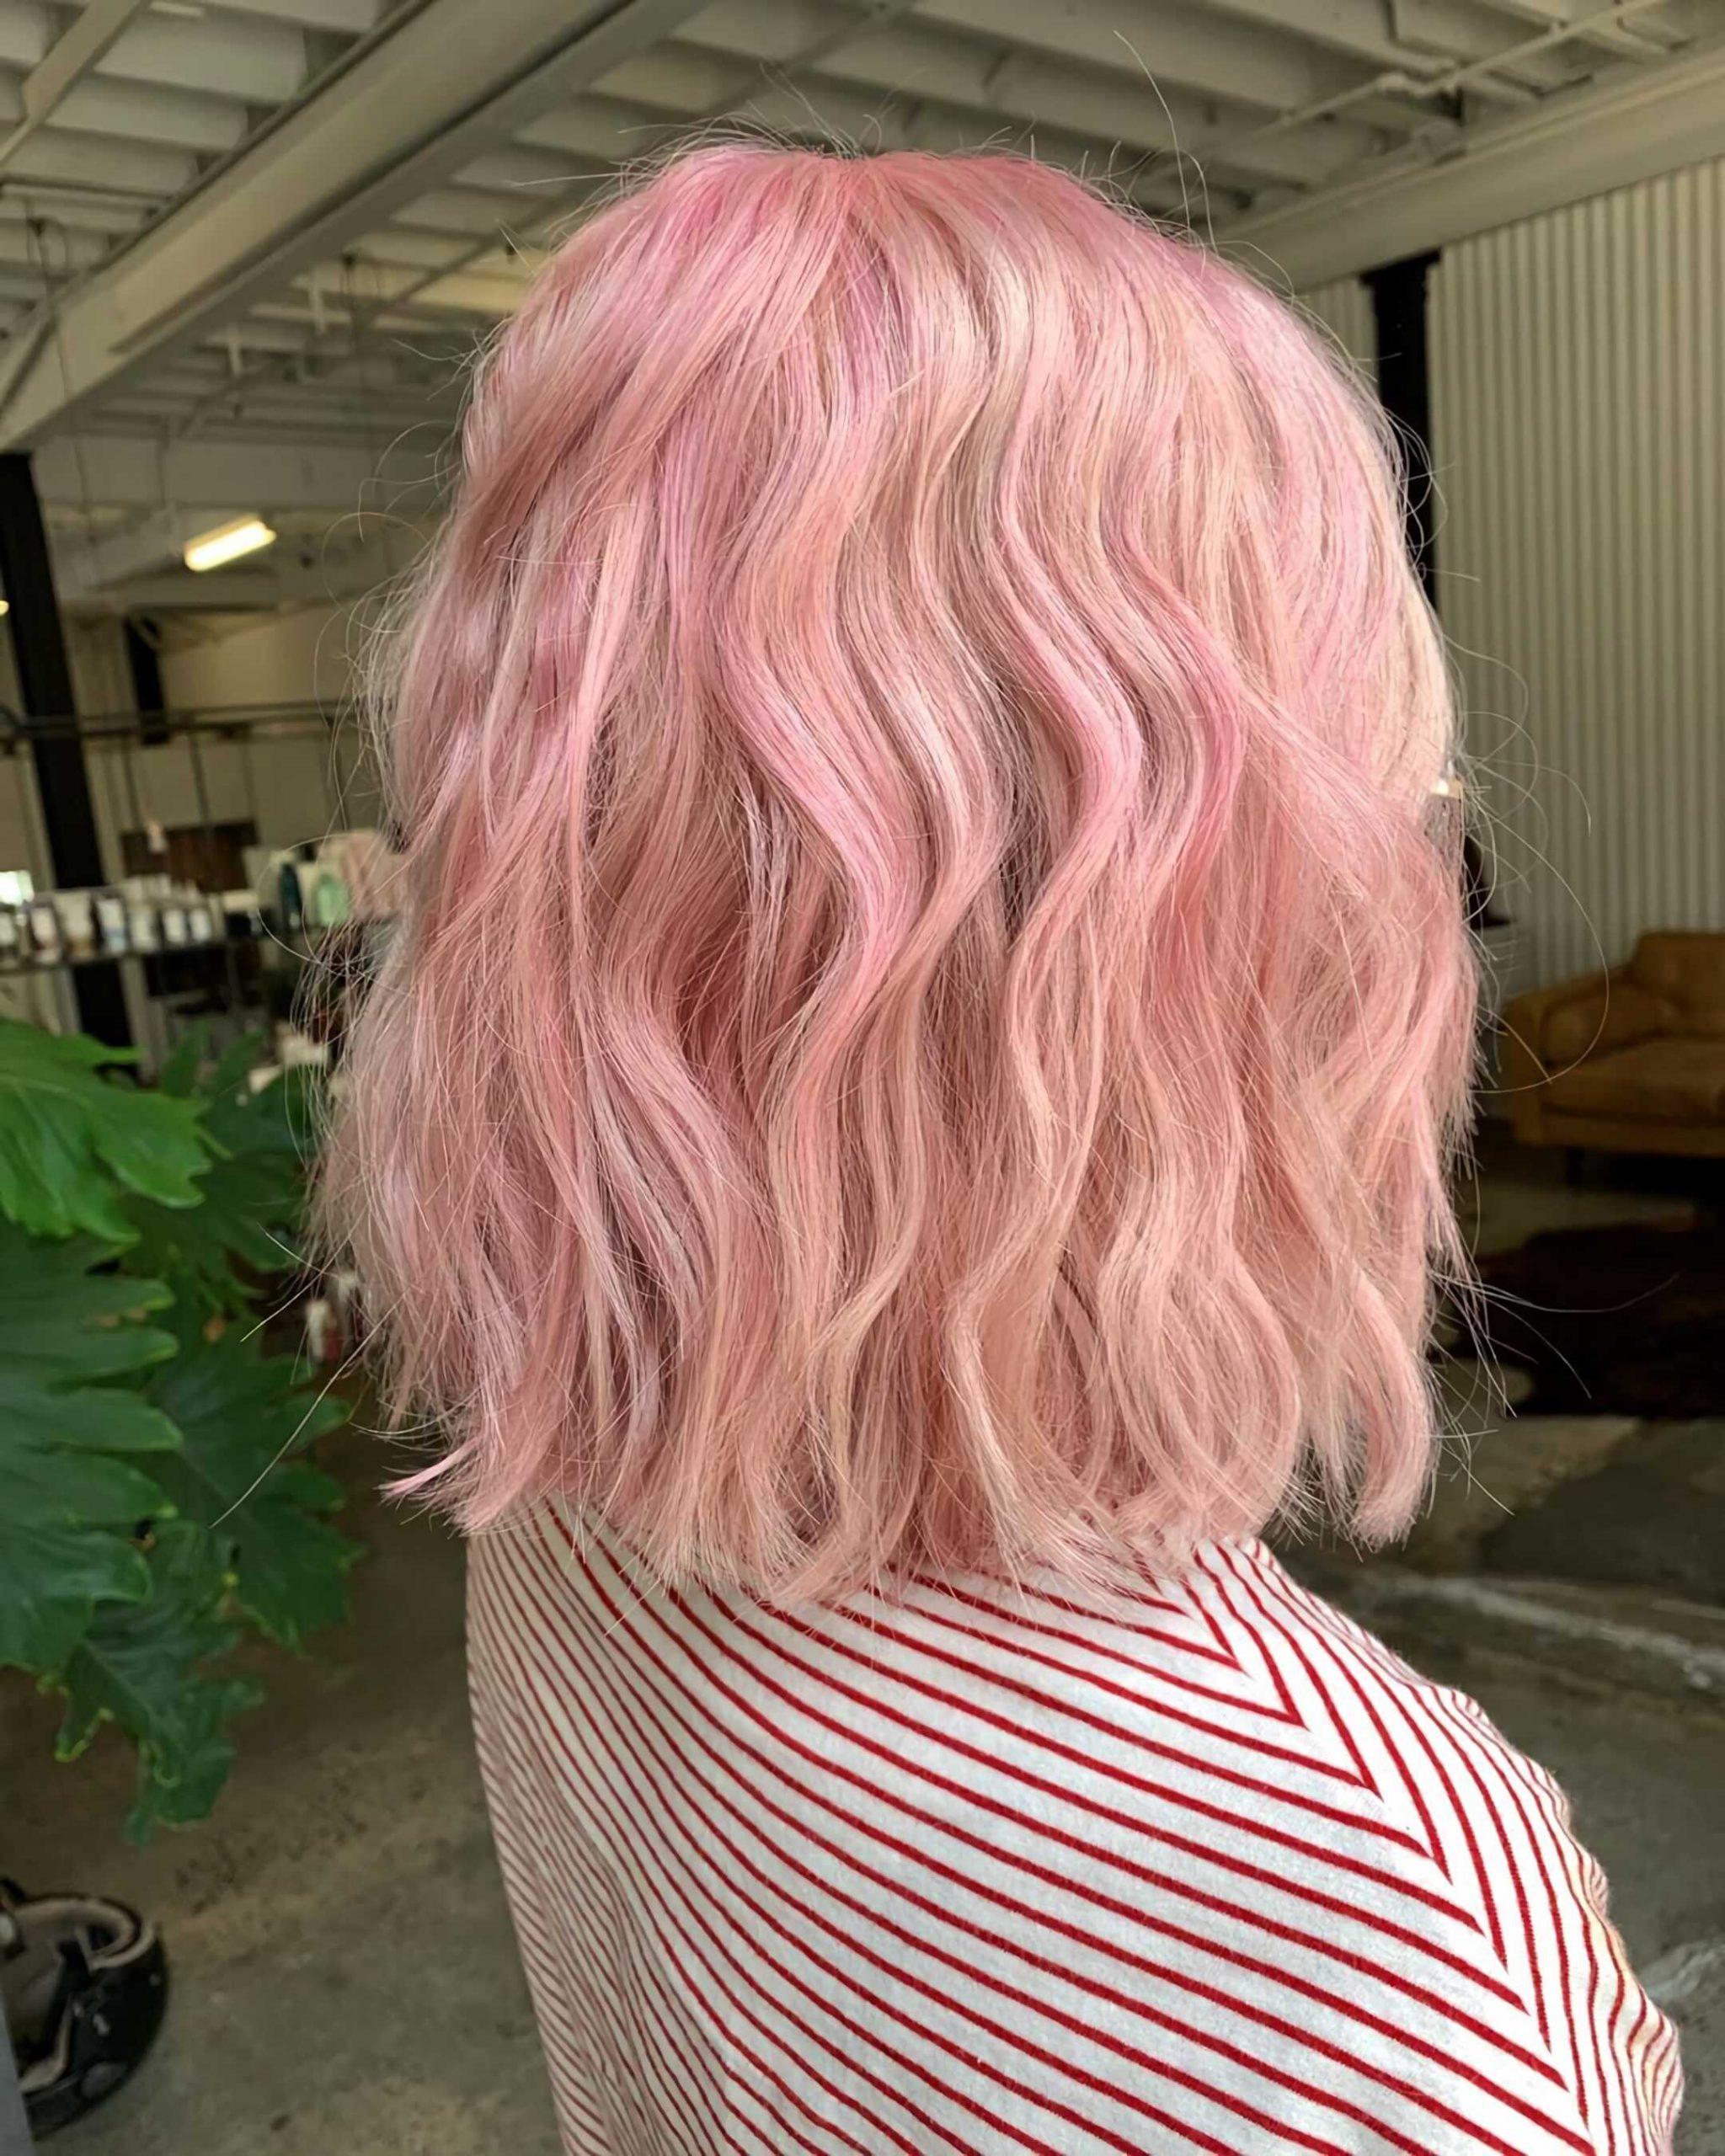 модный каскадный боб с розовым цветом